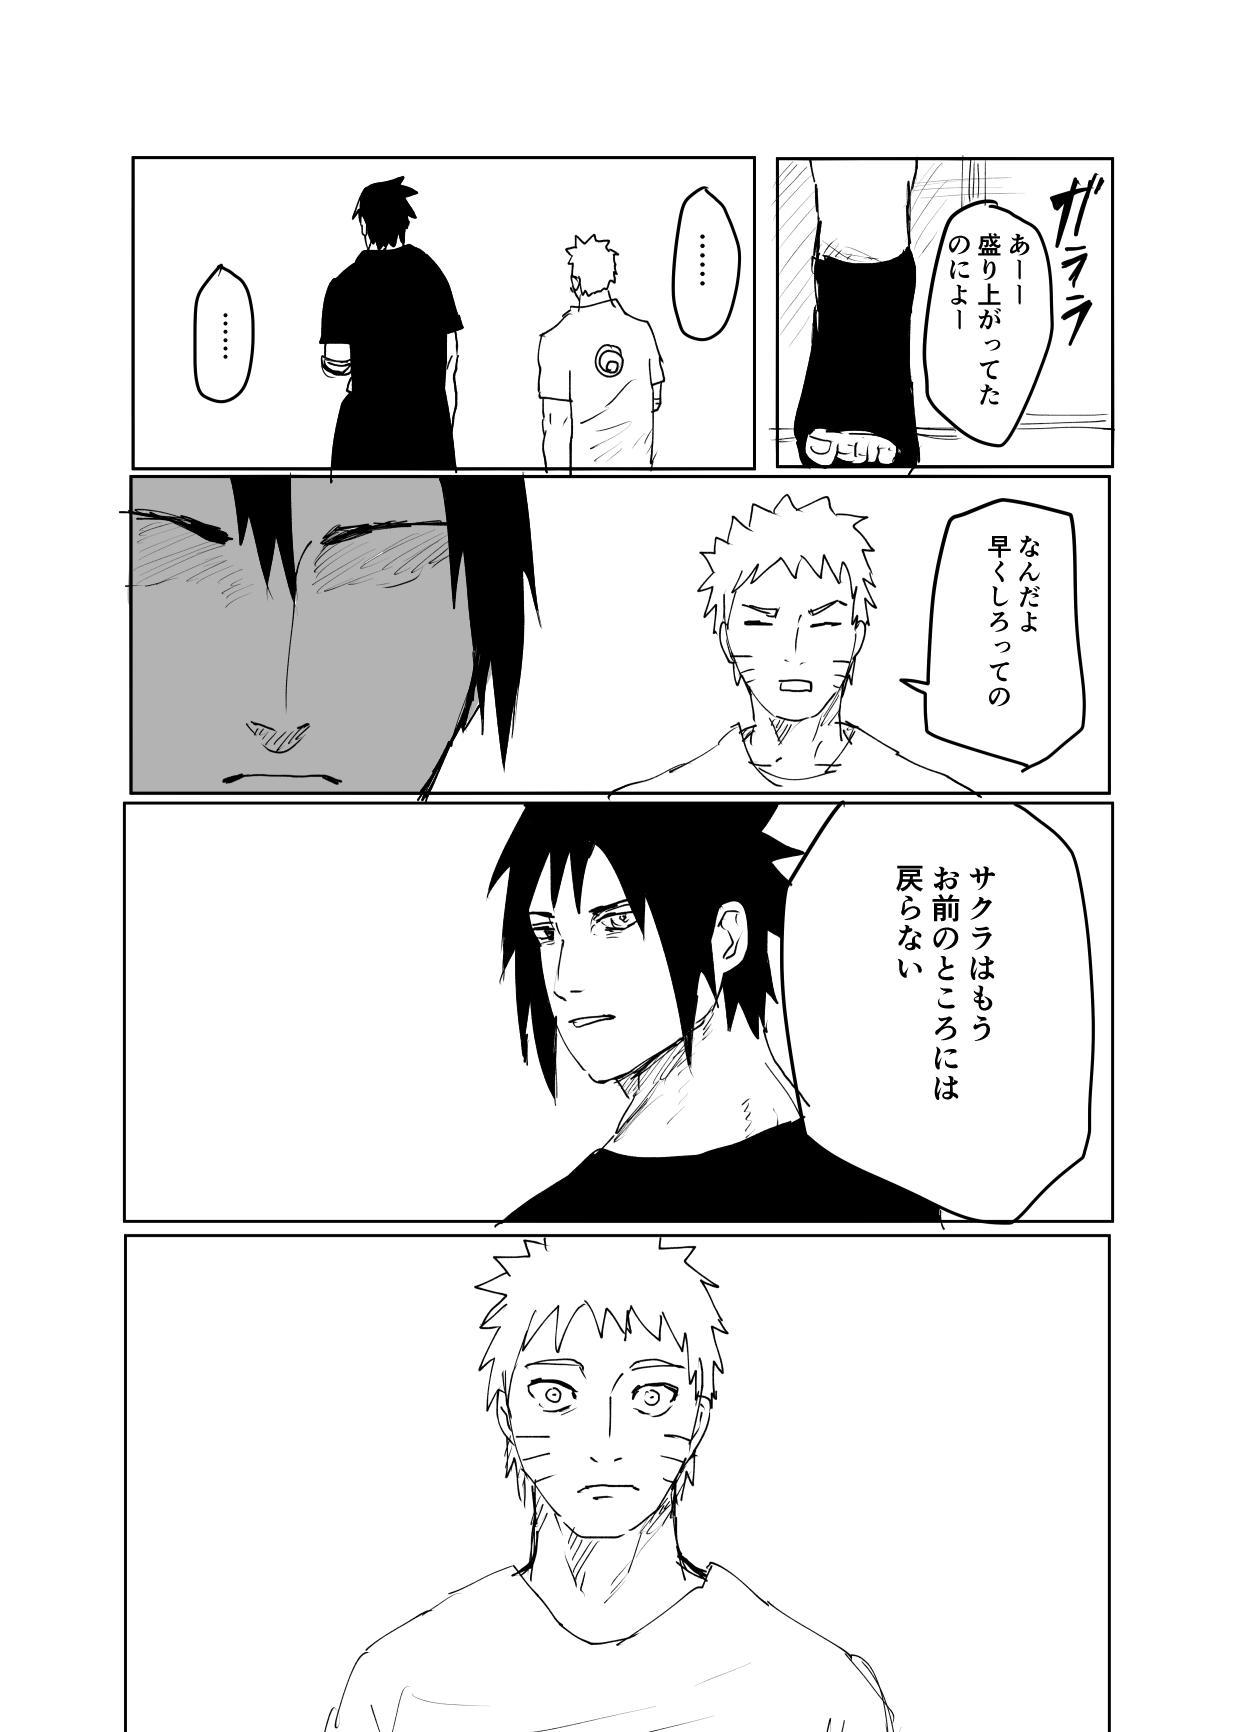 嘘告白漫画 59